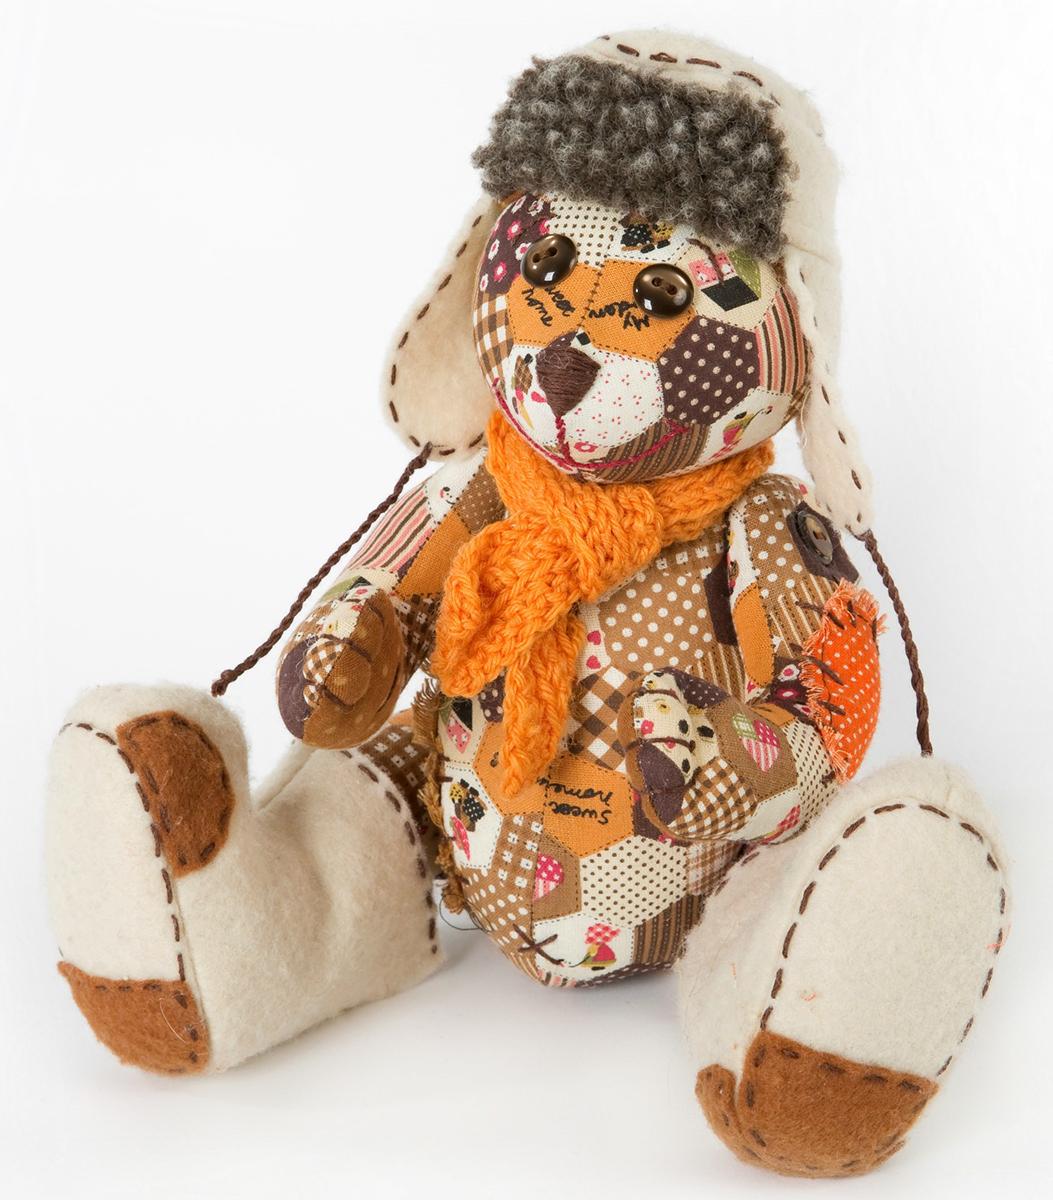 Набор для создания игрушки Перловка ПотапычПРМ601натуральный плотный хлопок пр-во США, нитки для вышивания и декорирования, лента для декорирования, листы с выкройками . Дополнительно понадобится: синтепон или синтепух и немного перловой крупы.